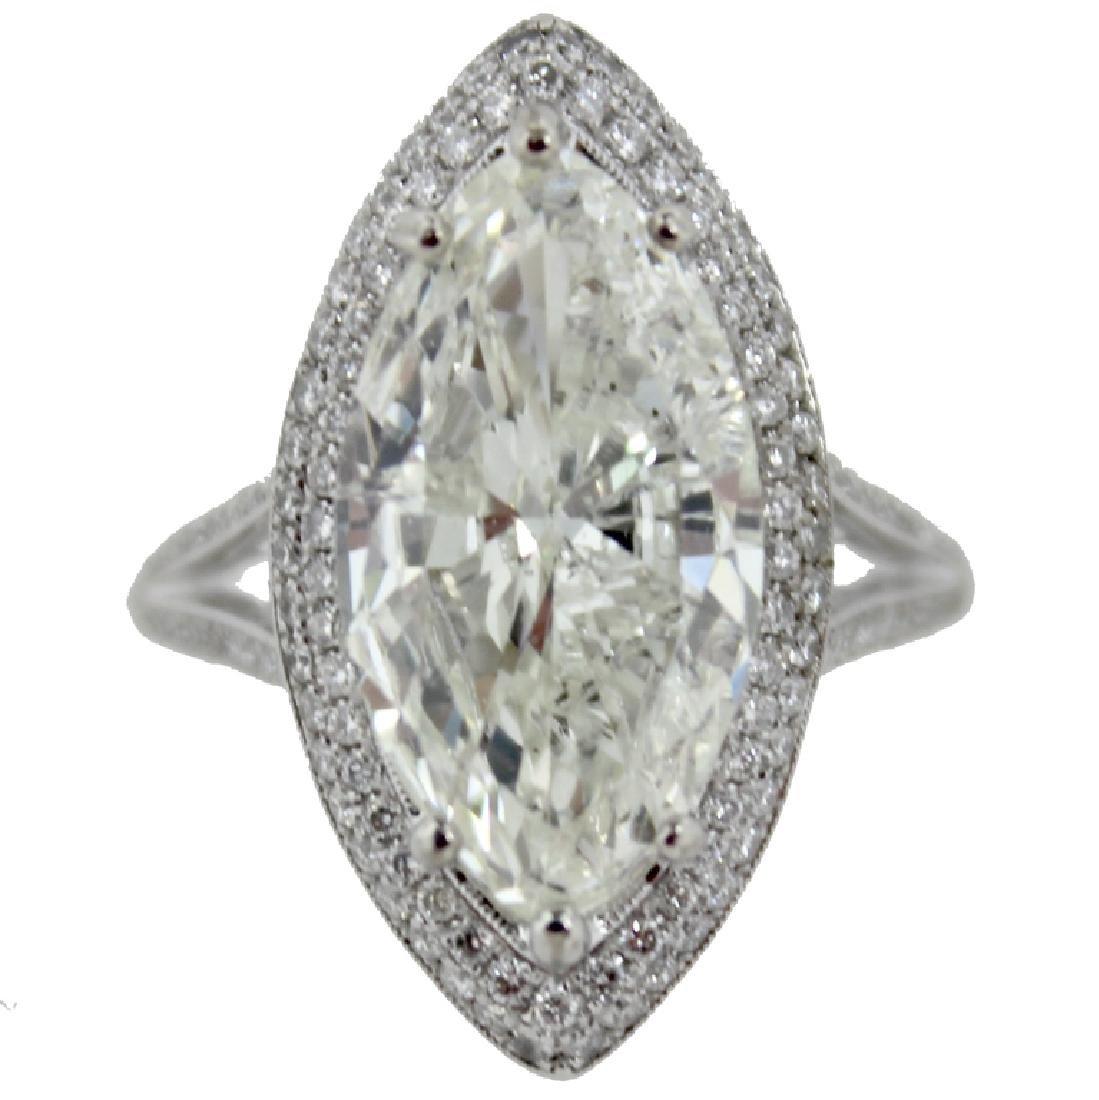 5.84 Carat Marquise Brilliant Cut Diamond Ring.